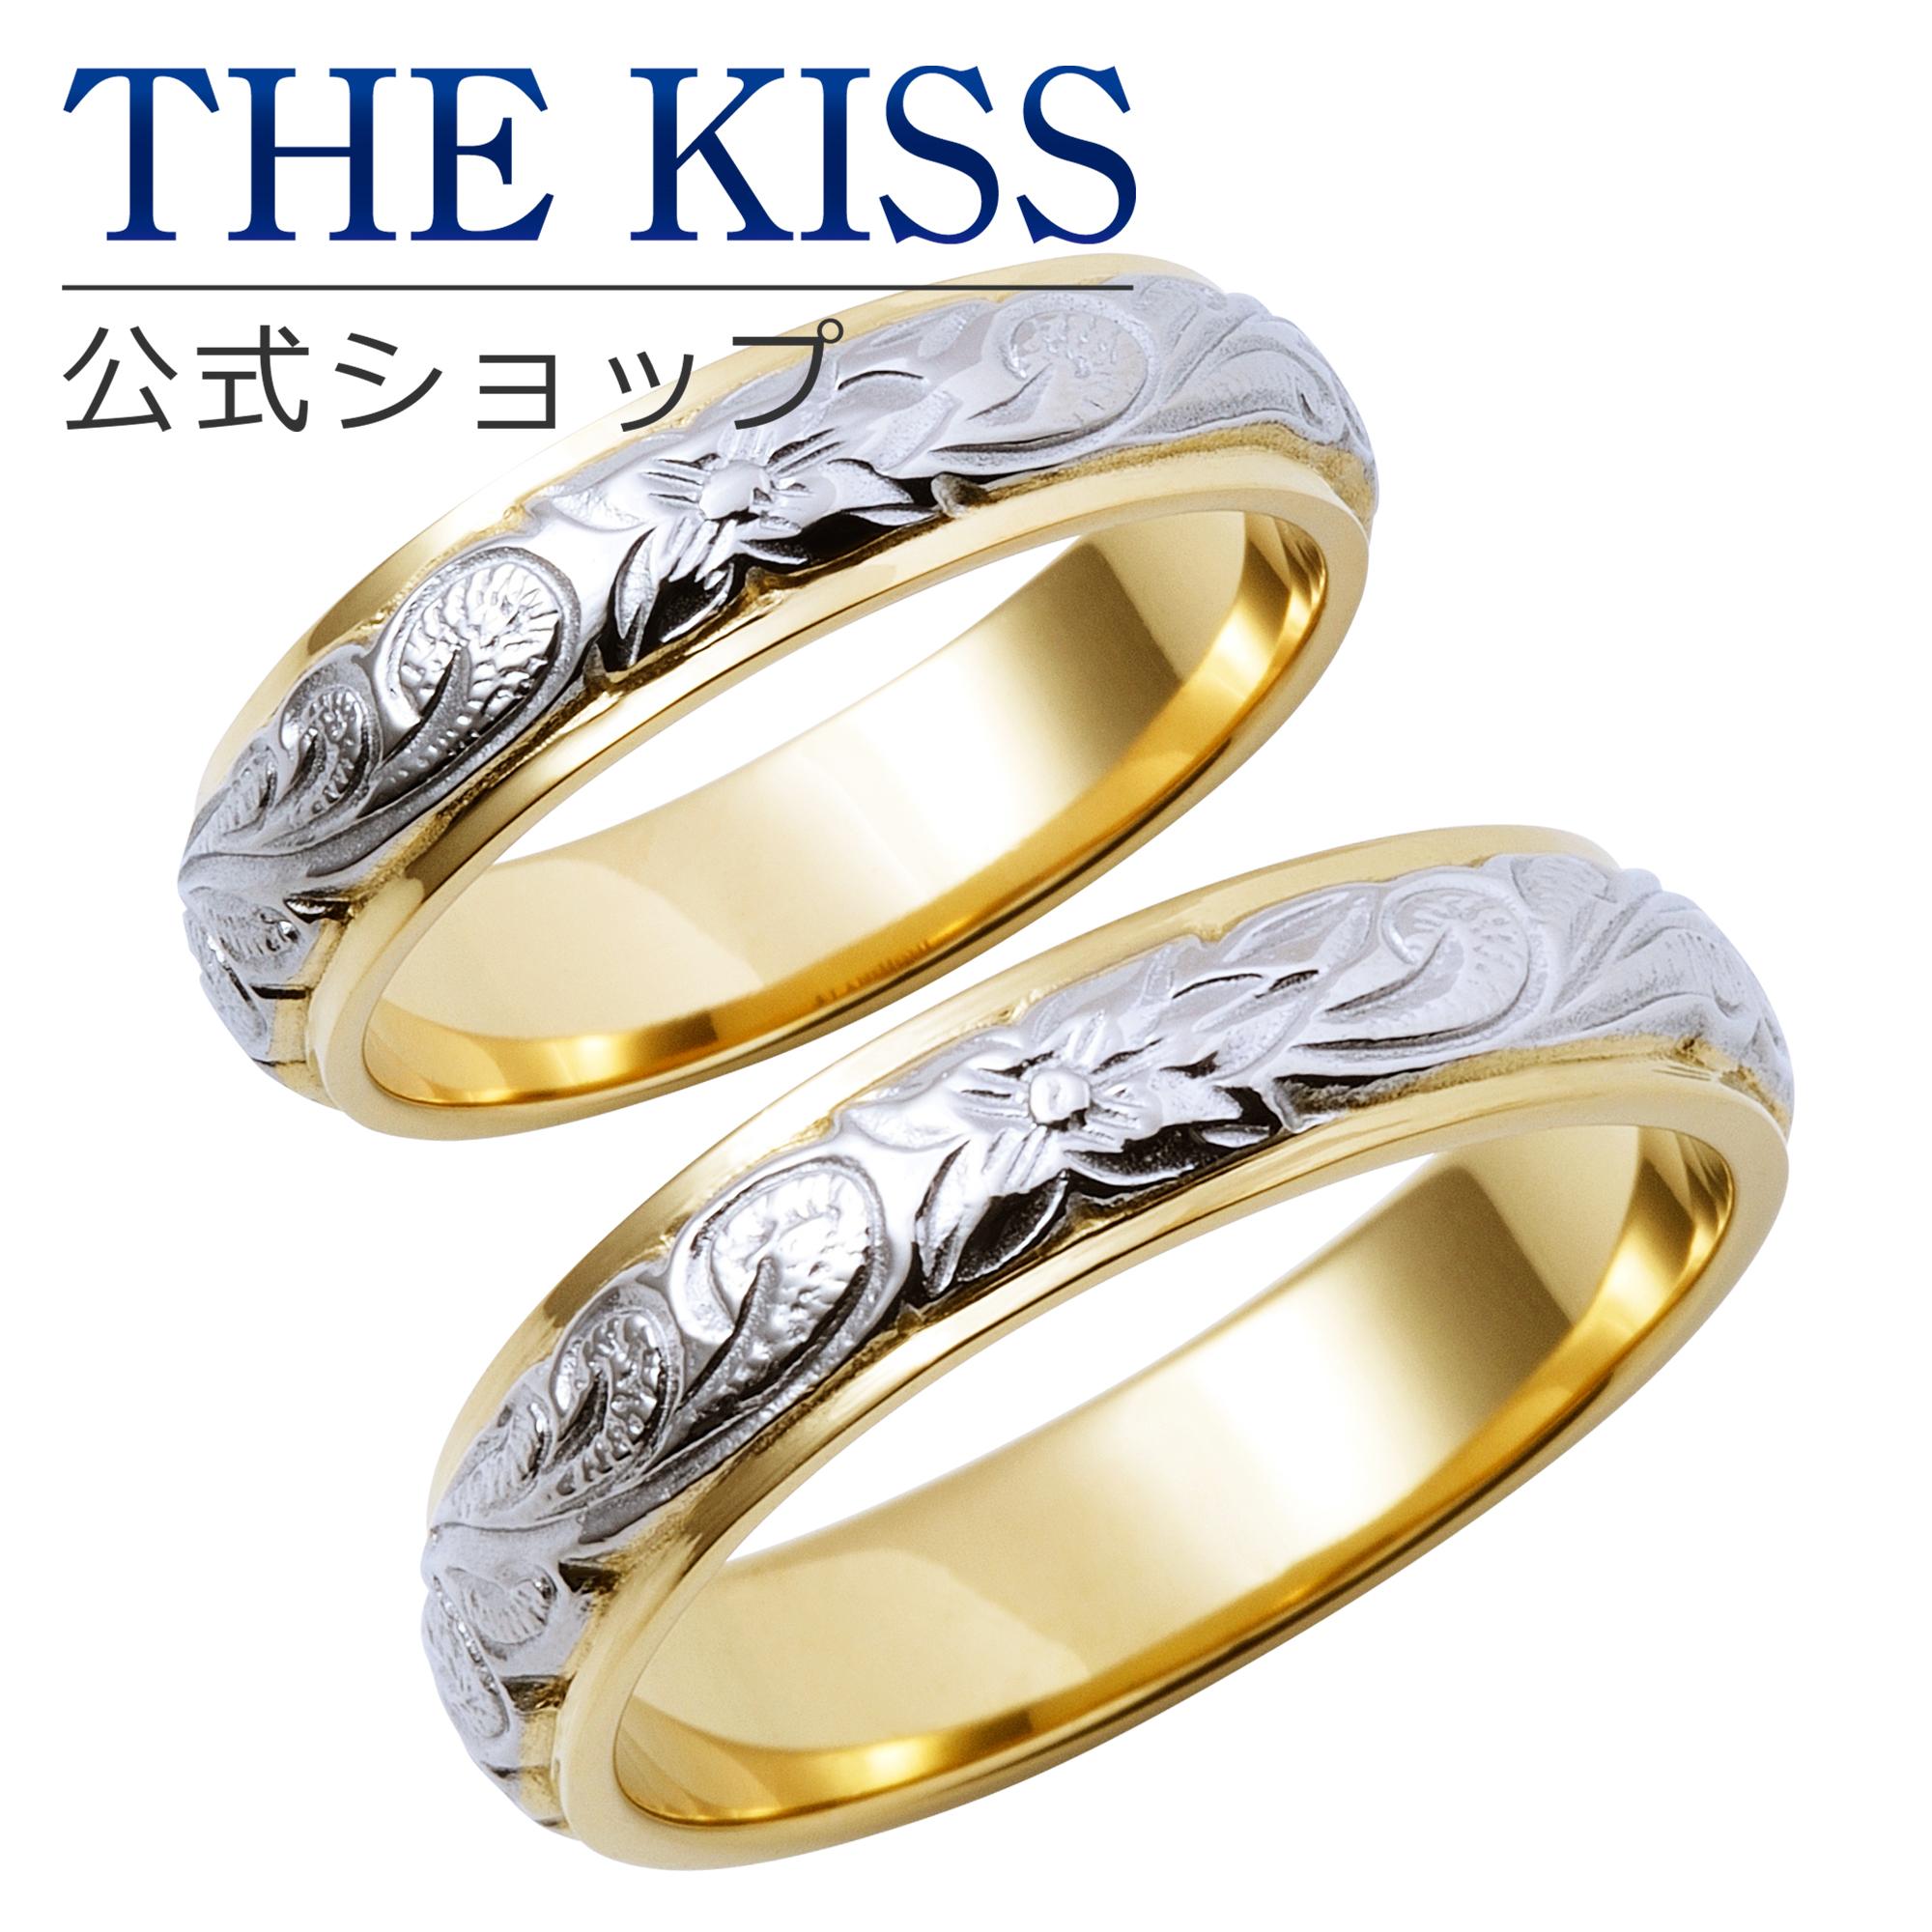 【あす楽対応】THE KISS 公式サイト ステンレス ハワイアン ペアリング ペアアクセサリー カップル に 人気 の ジュエリーブランド THEKISS ペア リング・指輪 記念日 プレゼント L-R8011-P セット シンプル ザキス 【送料無料】